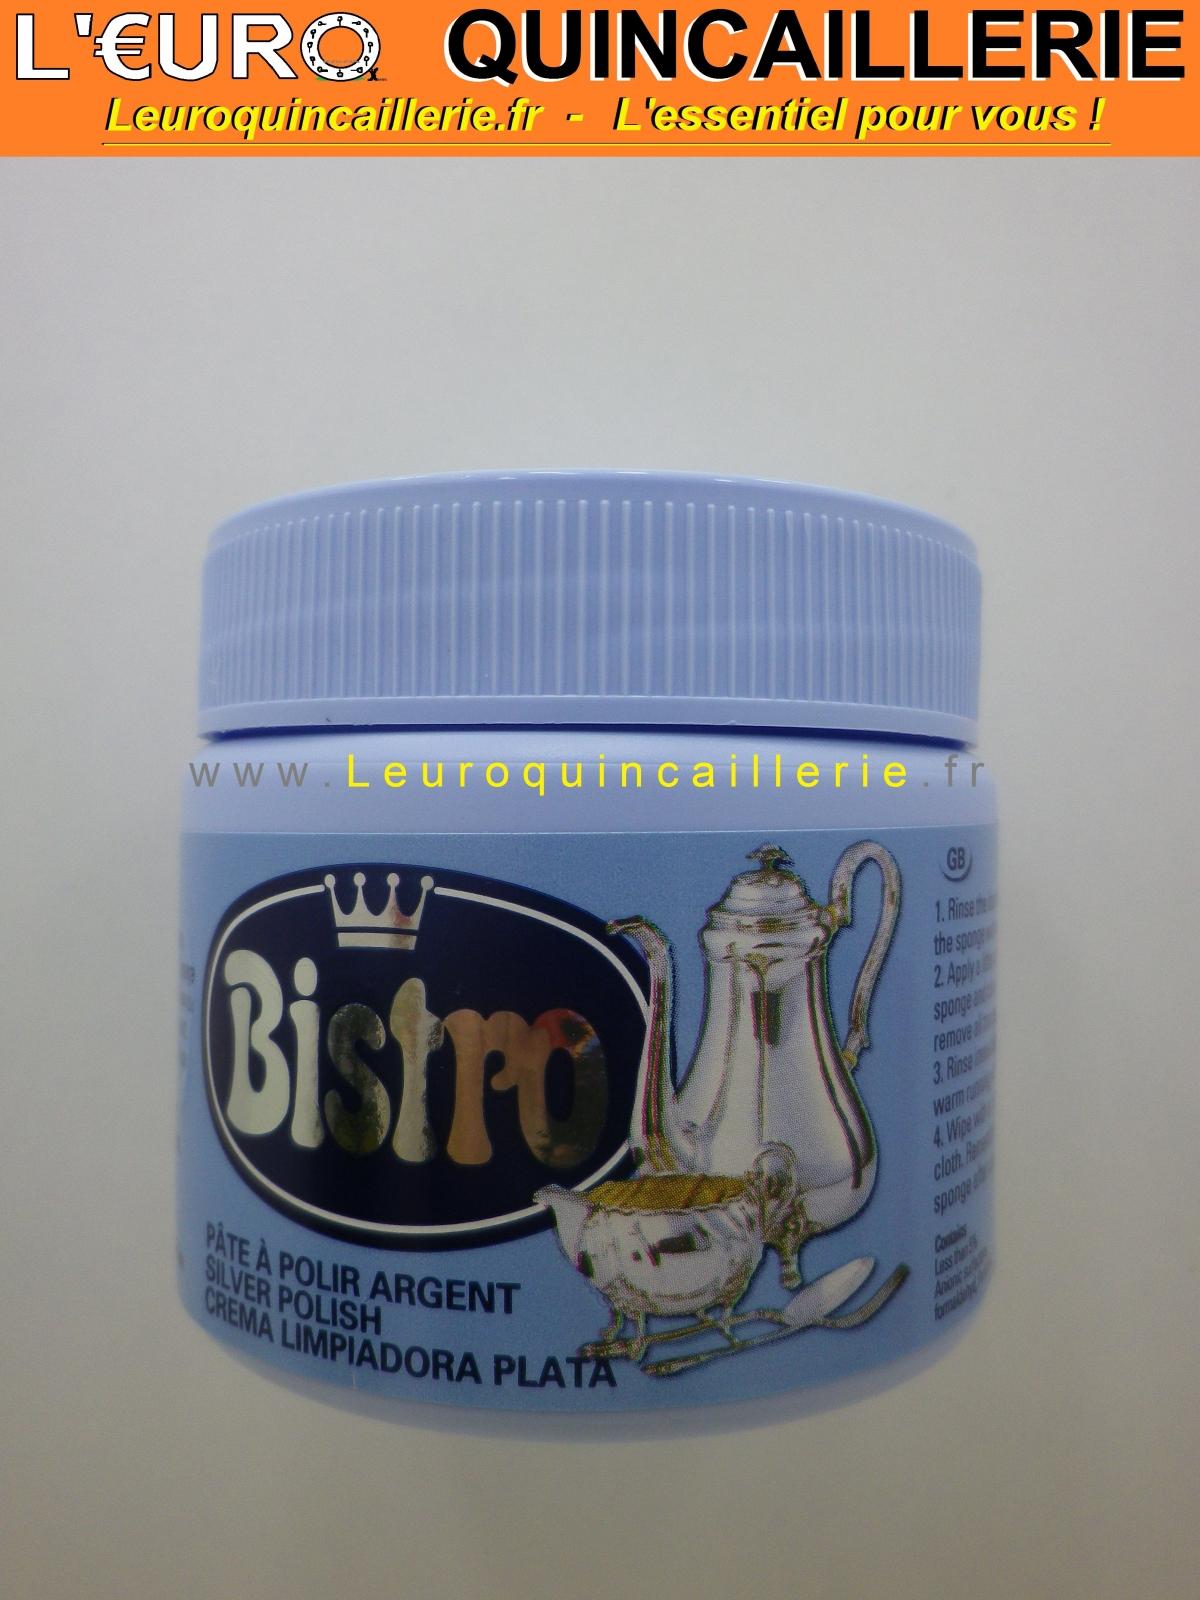 Pâte à polir argent Bistro 150ml